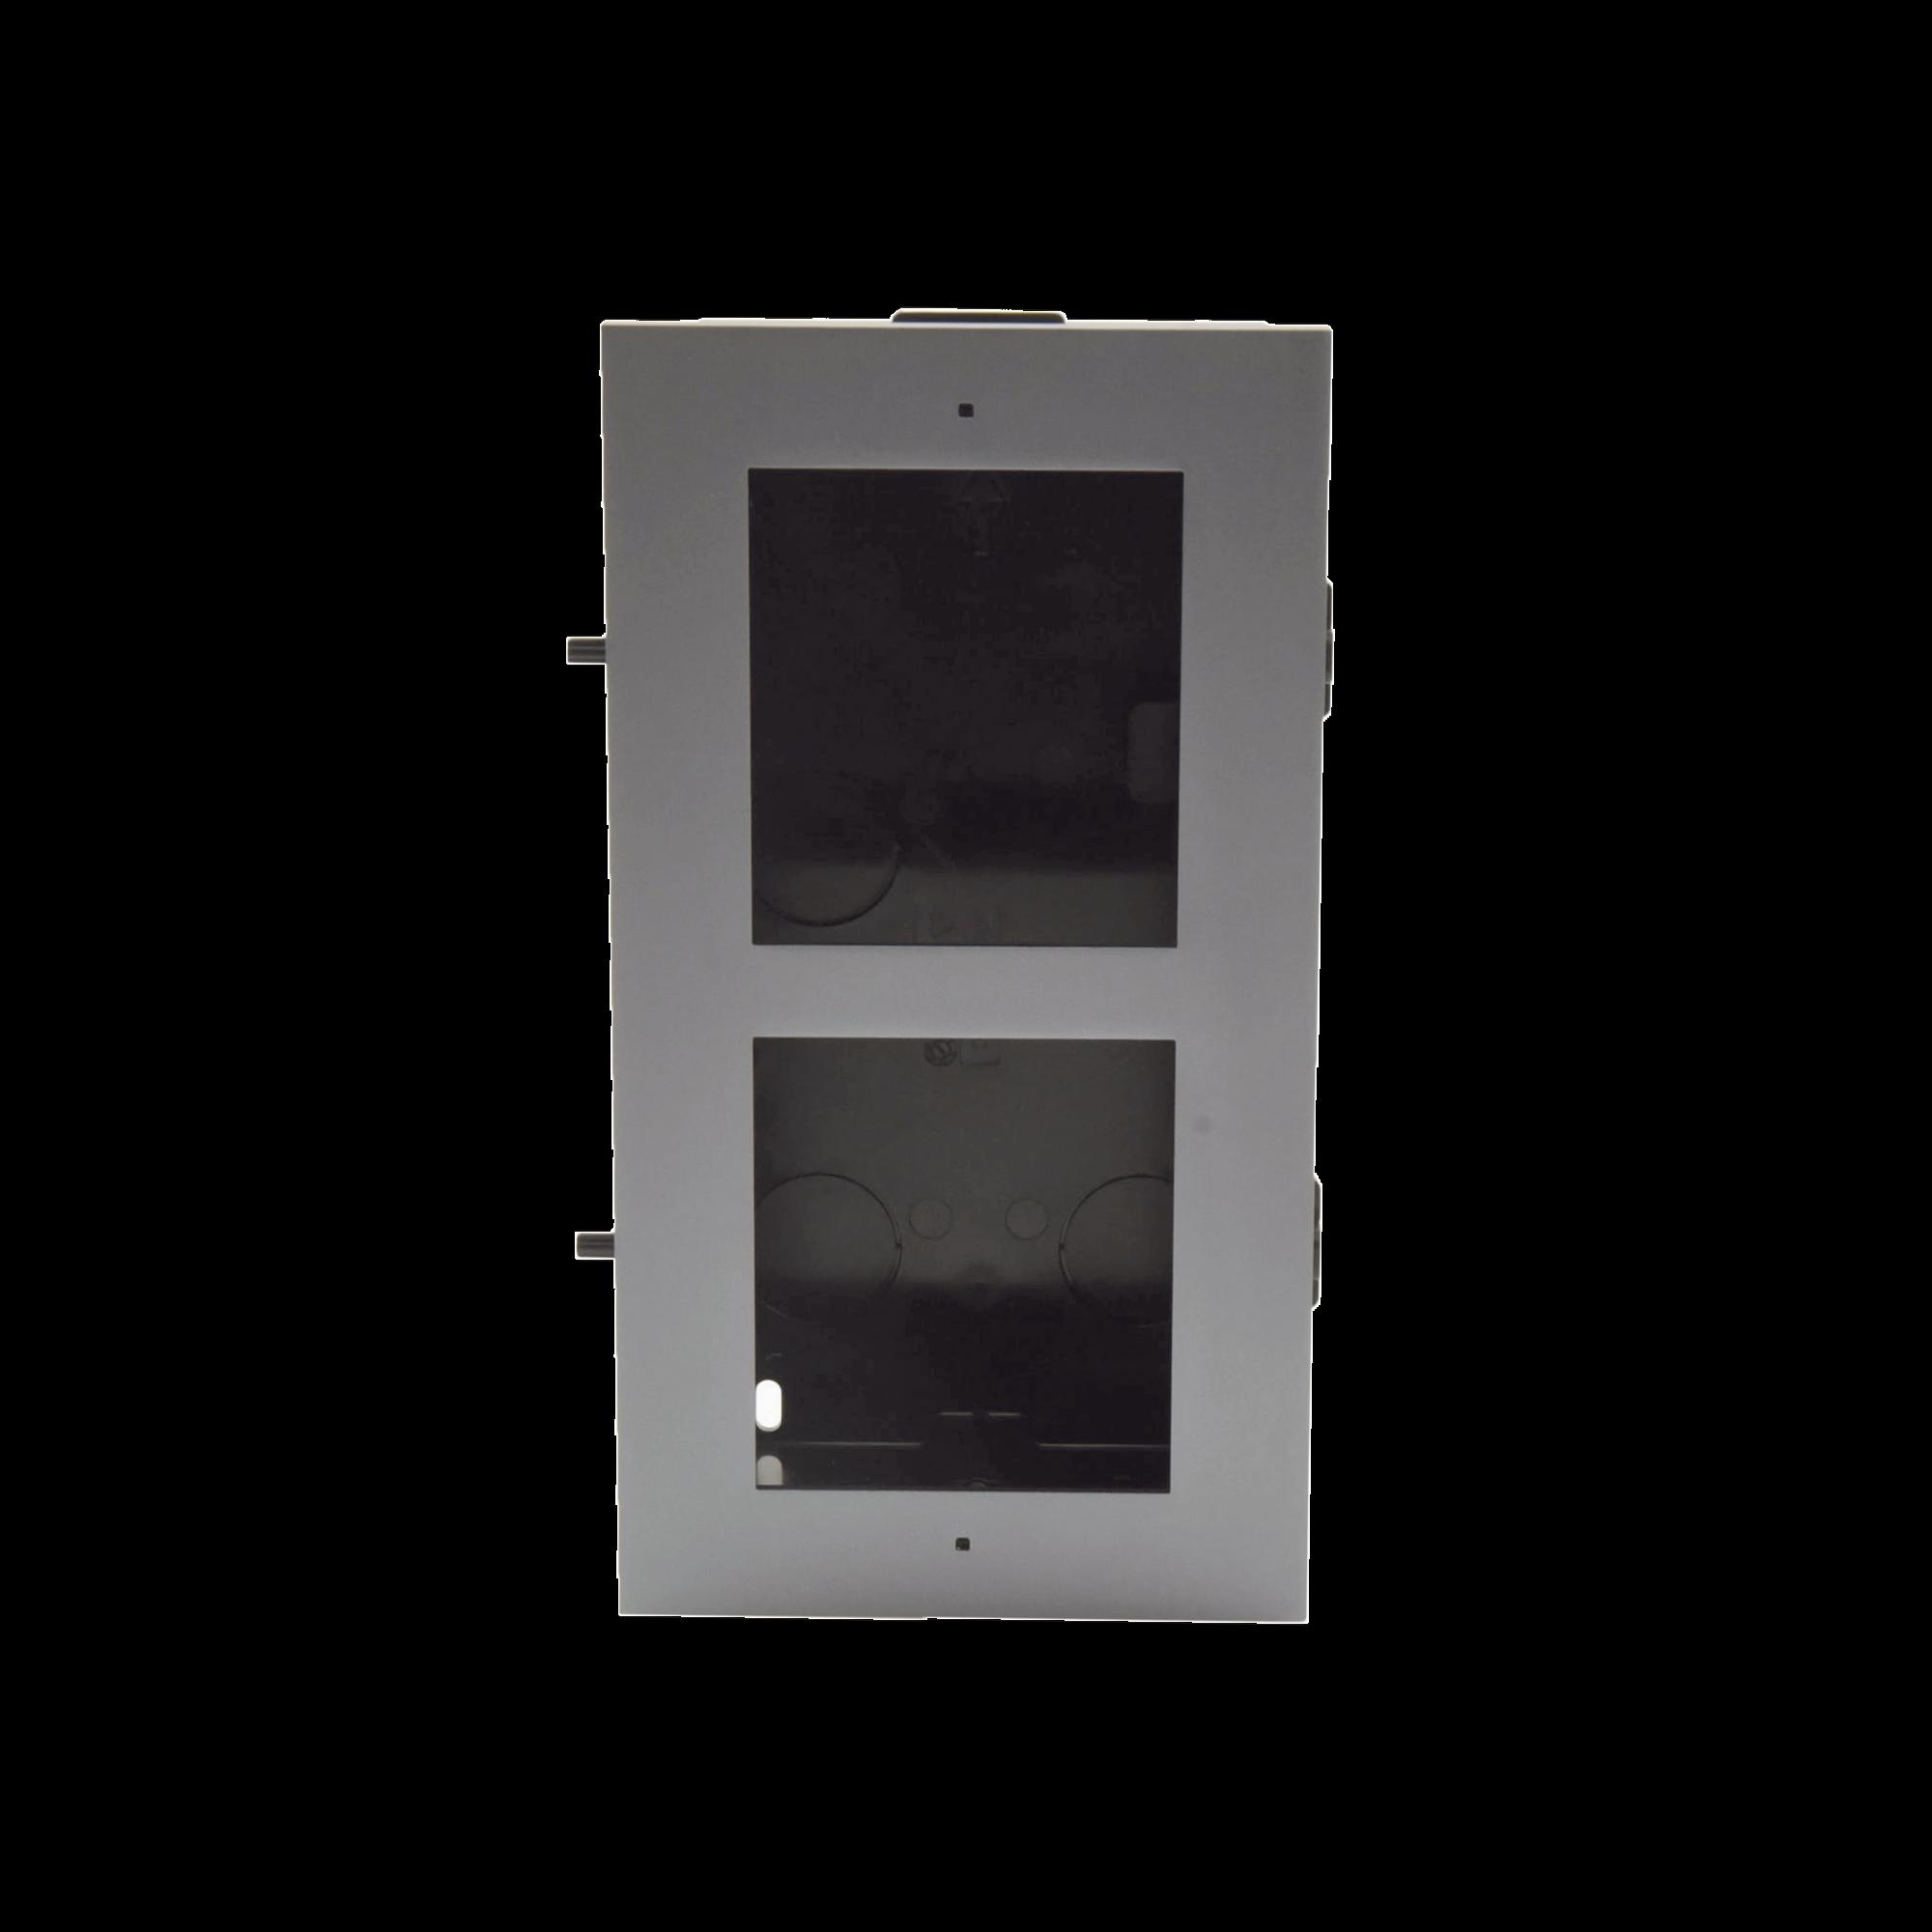 Base de 2 Espacios para EMPOTRAR Módulos de Videoporteros Hikvision